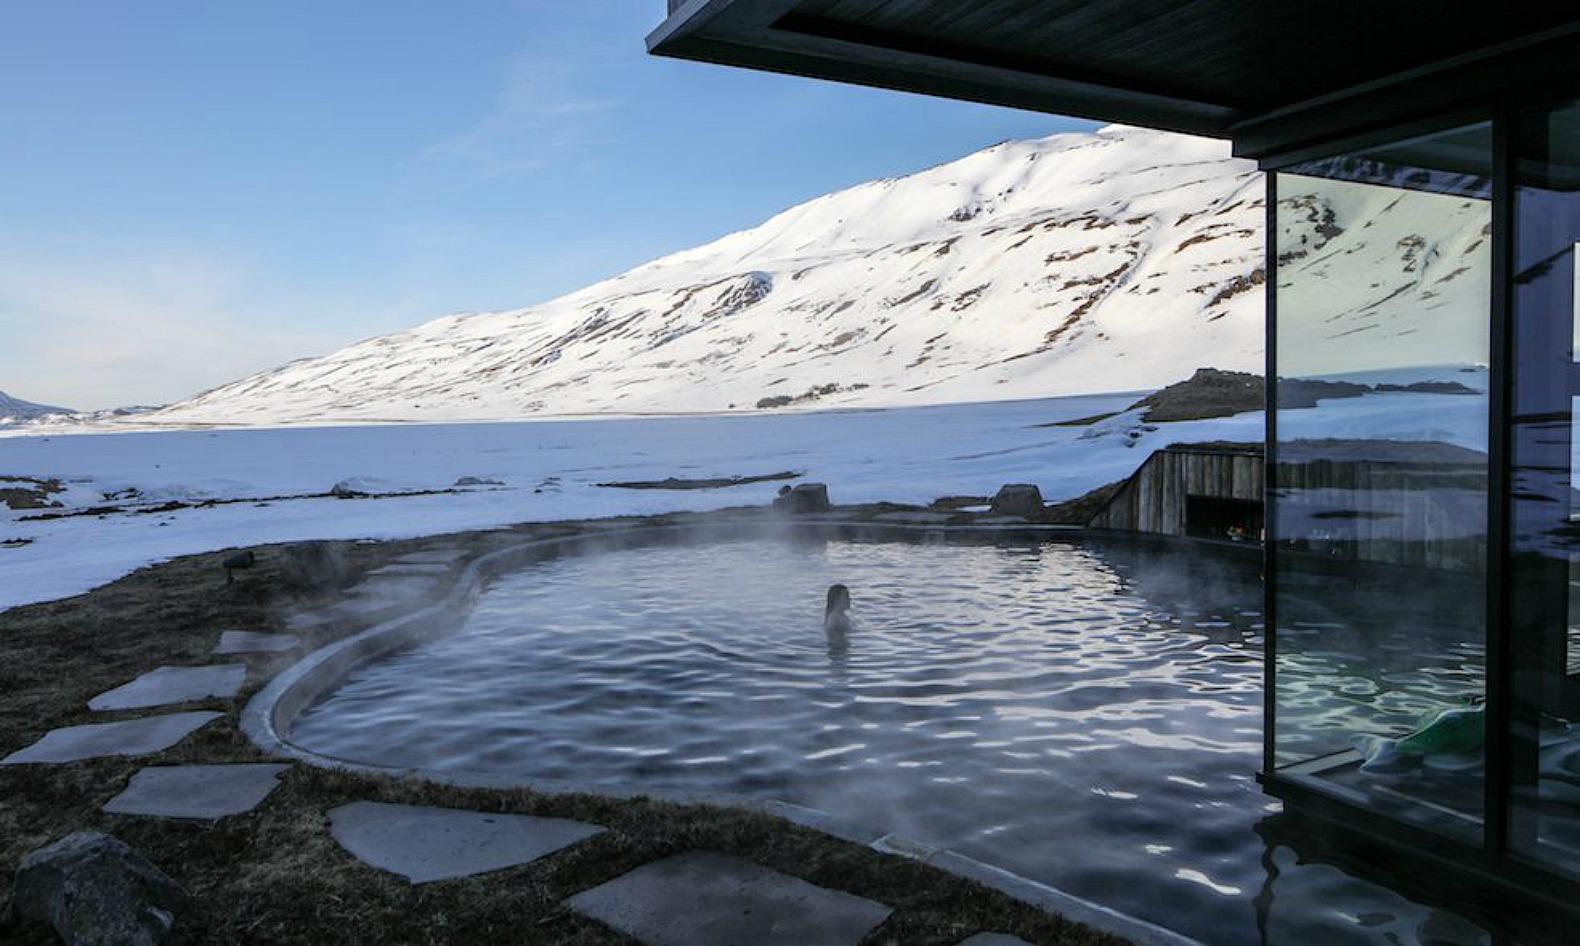 Бизнес-идея №6033. Спа-ферма по-исландски